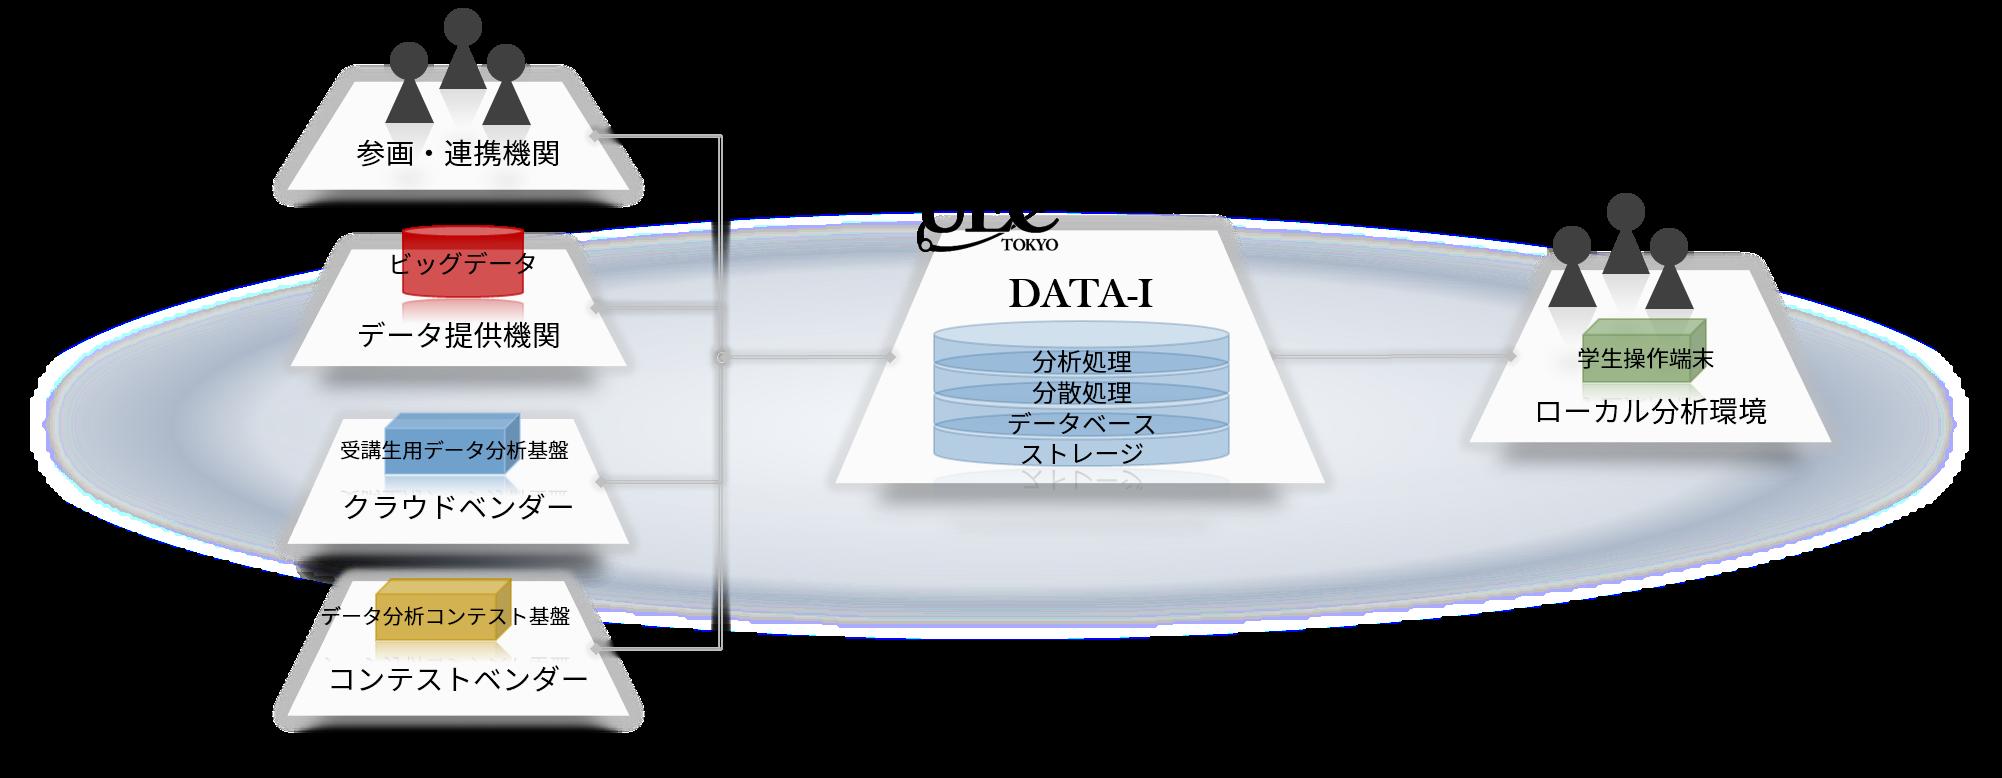 データ基盤